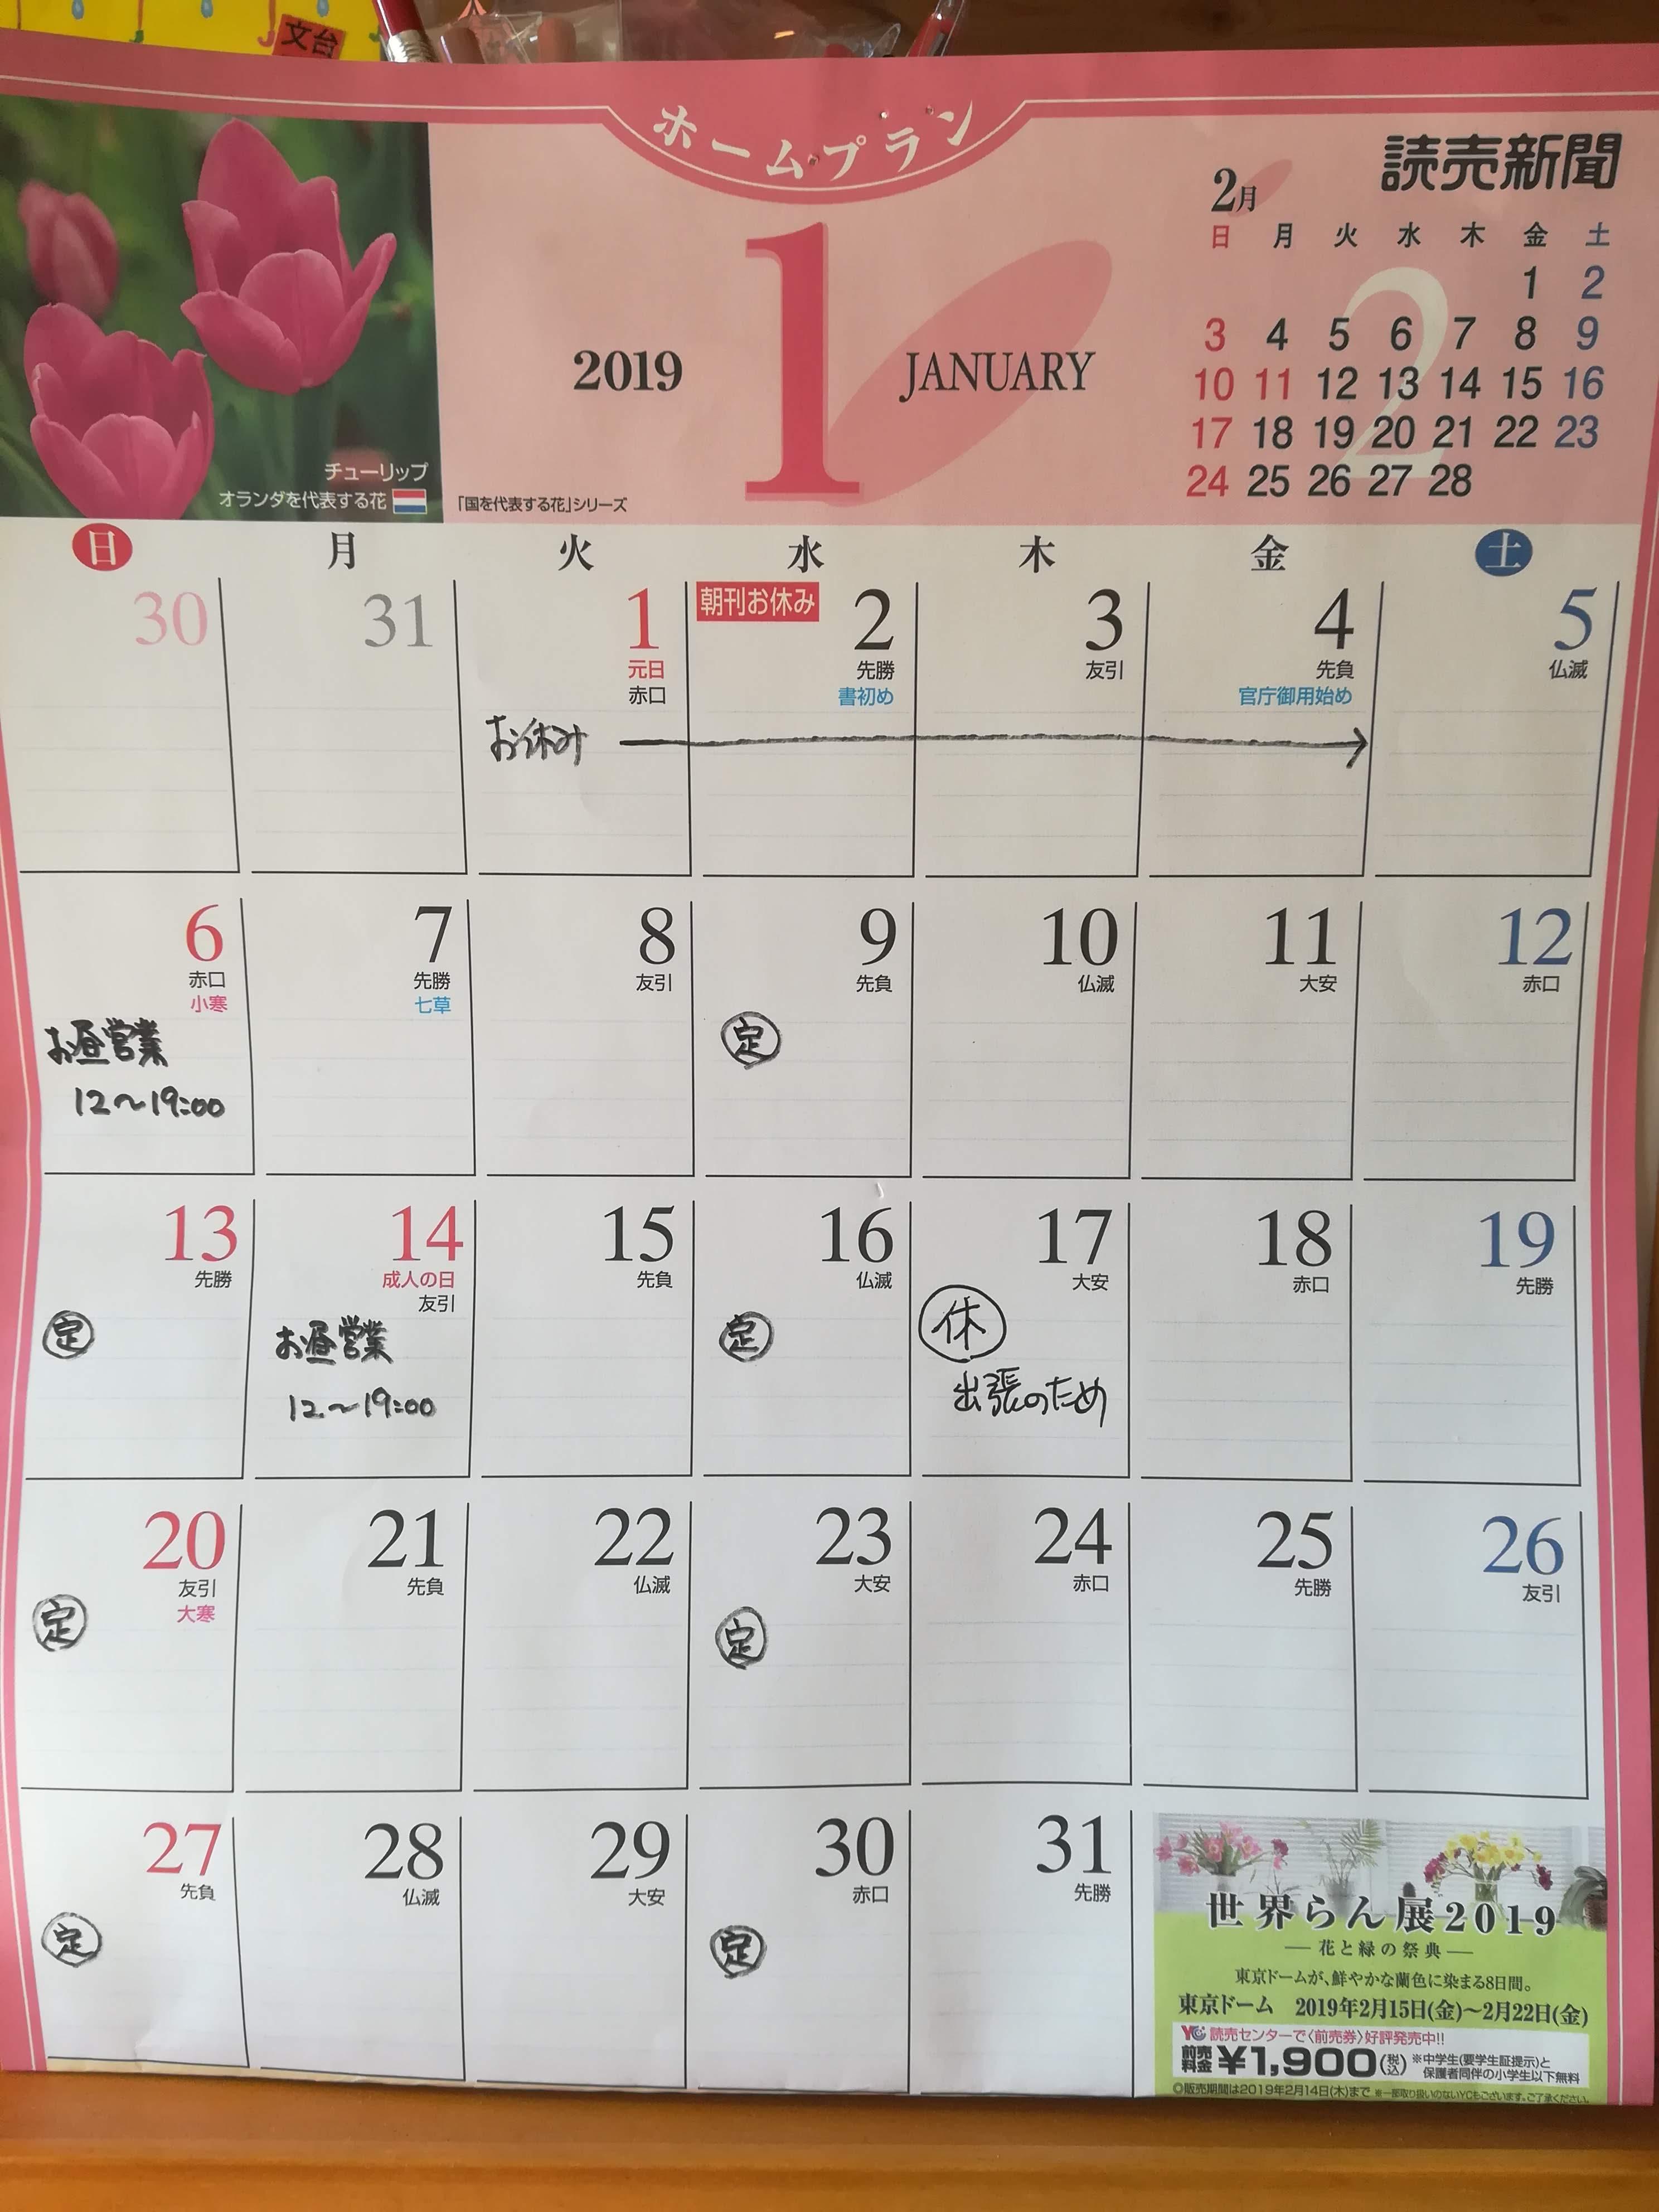 【訂正とお詫び】1月のカレンダーに誤りがございました。